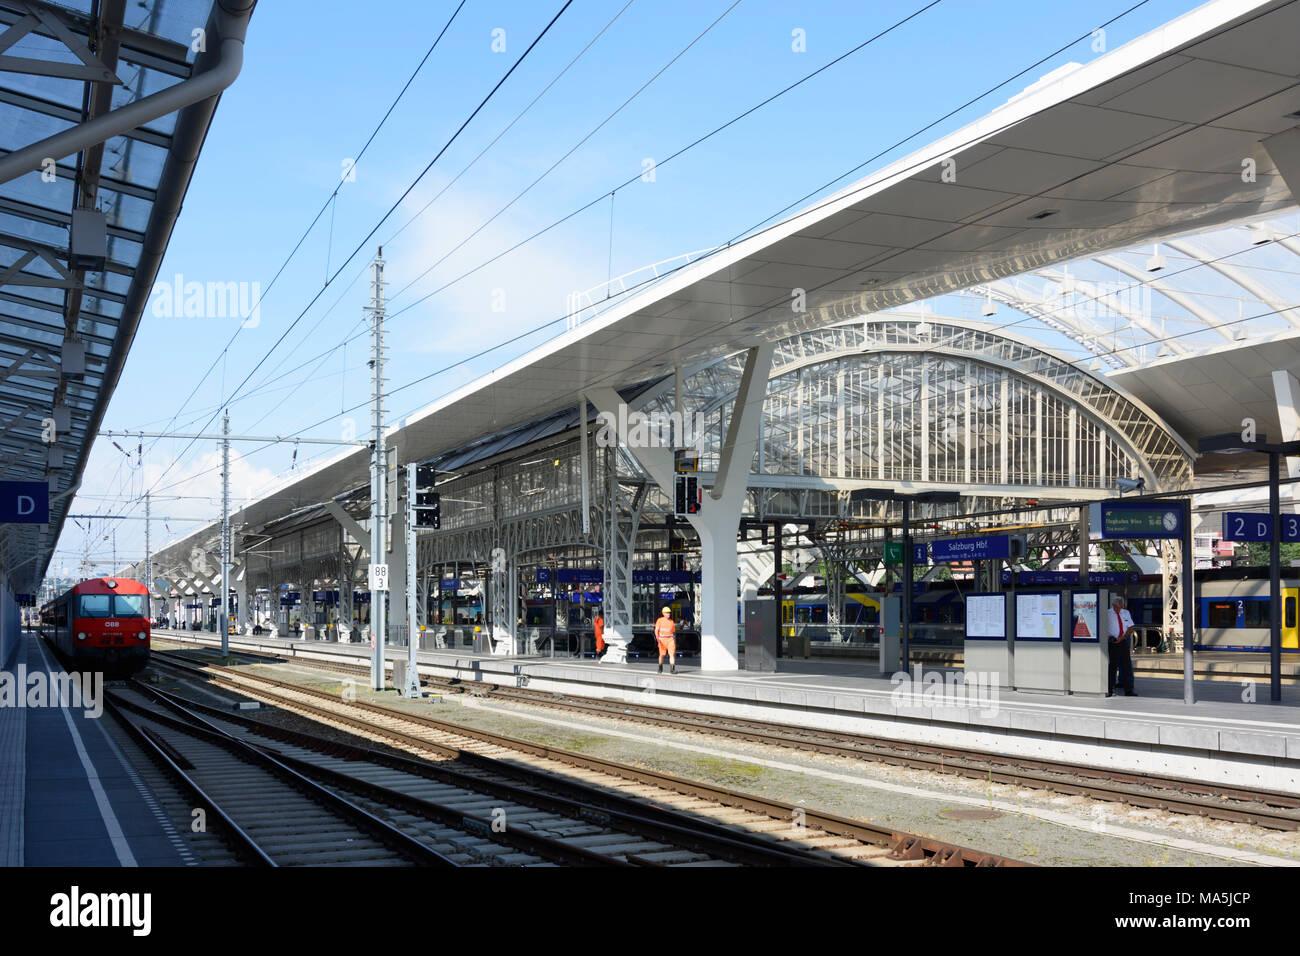 Salzburg, Salzburg Hauptbahnhof (Main Station), Flachgau, Salzburg, Austria - Stock Image